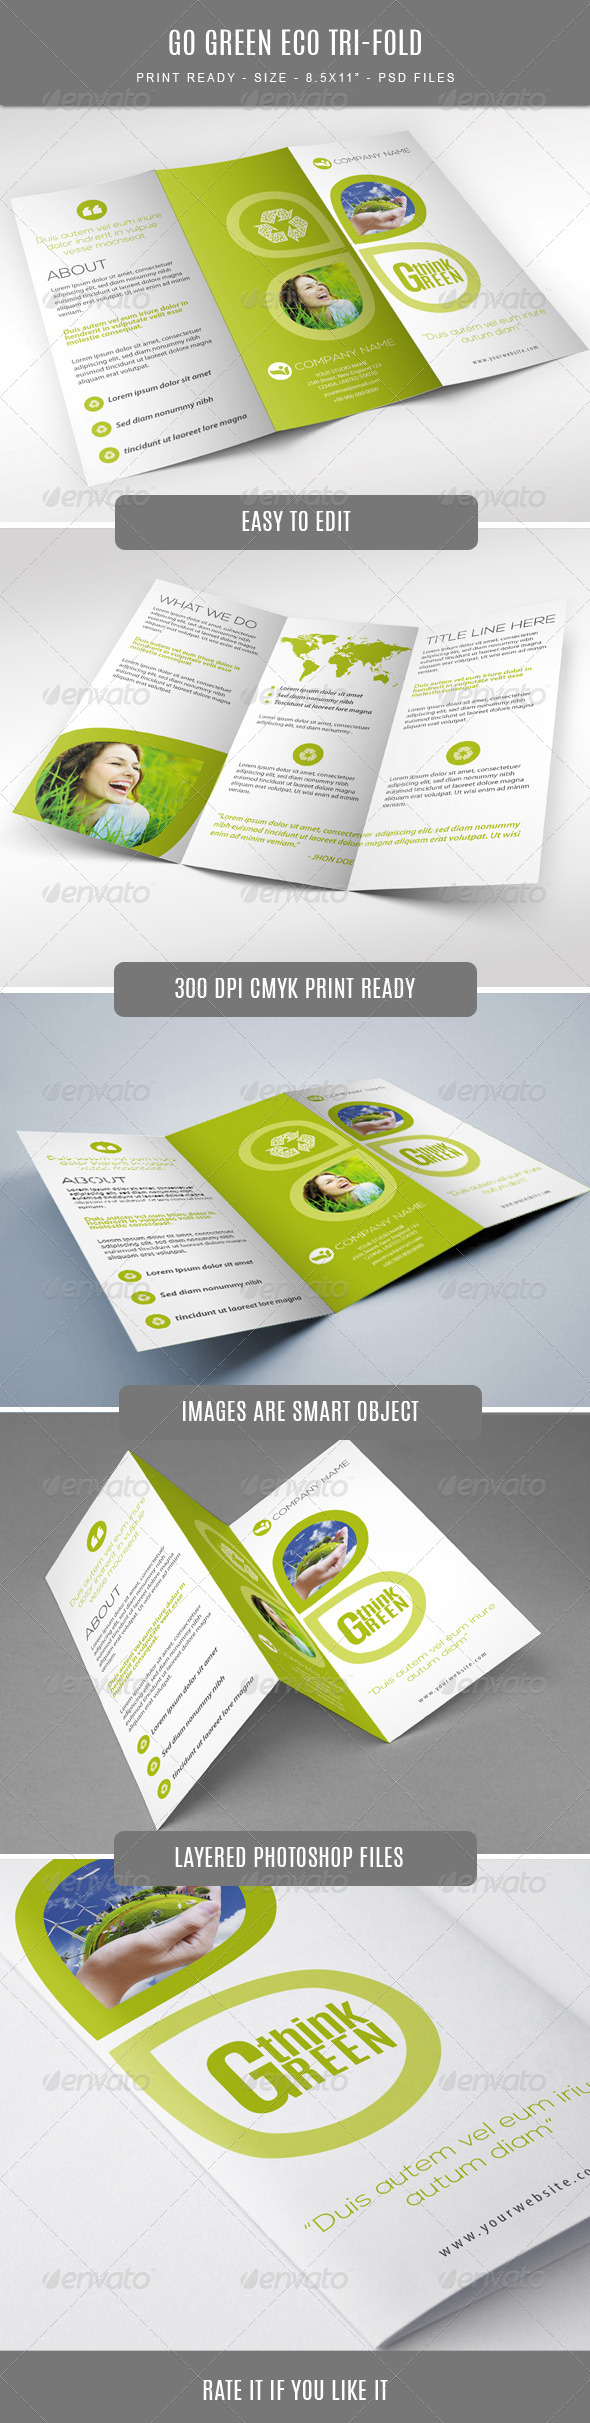 GraphicRiver Go Green Eco Tri-Fold Brochure 7700402